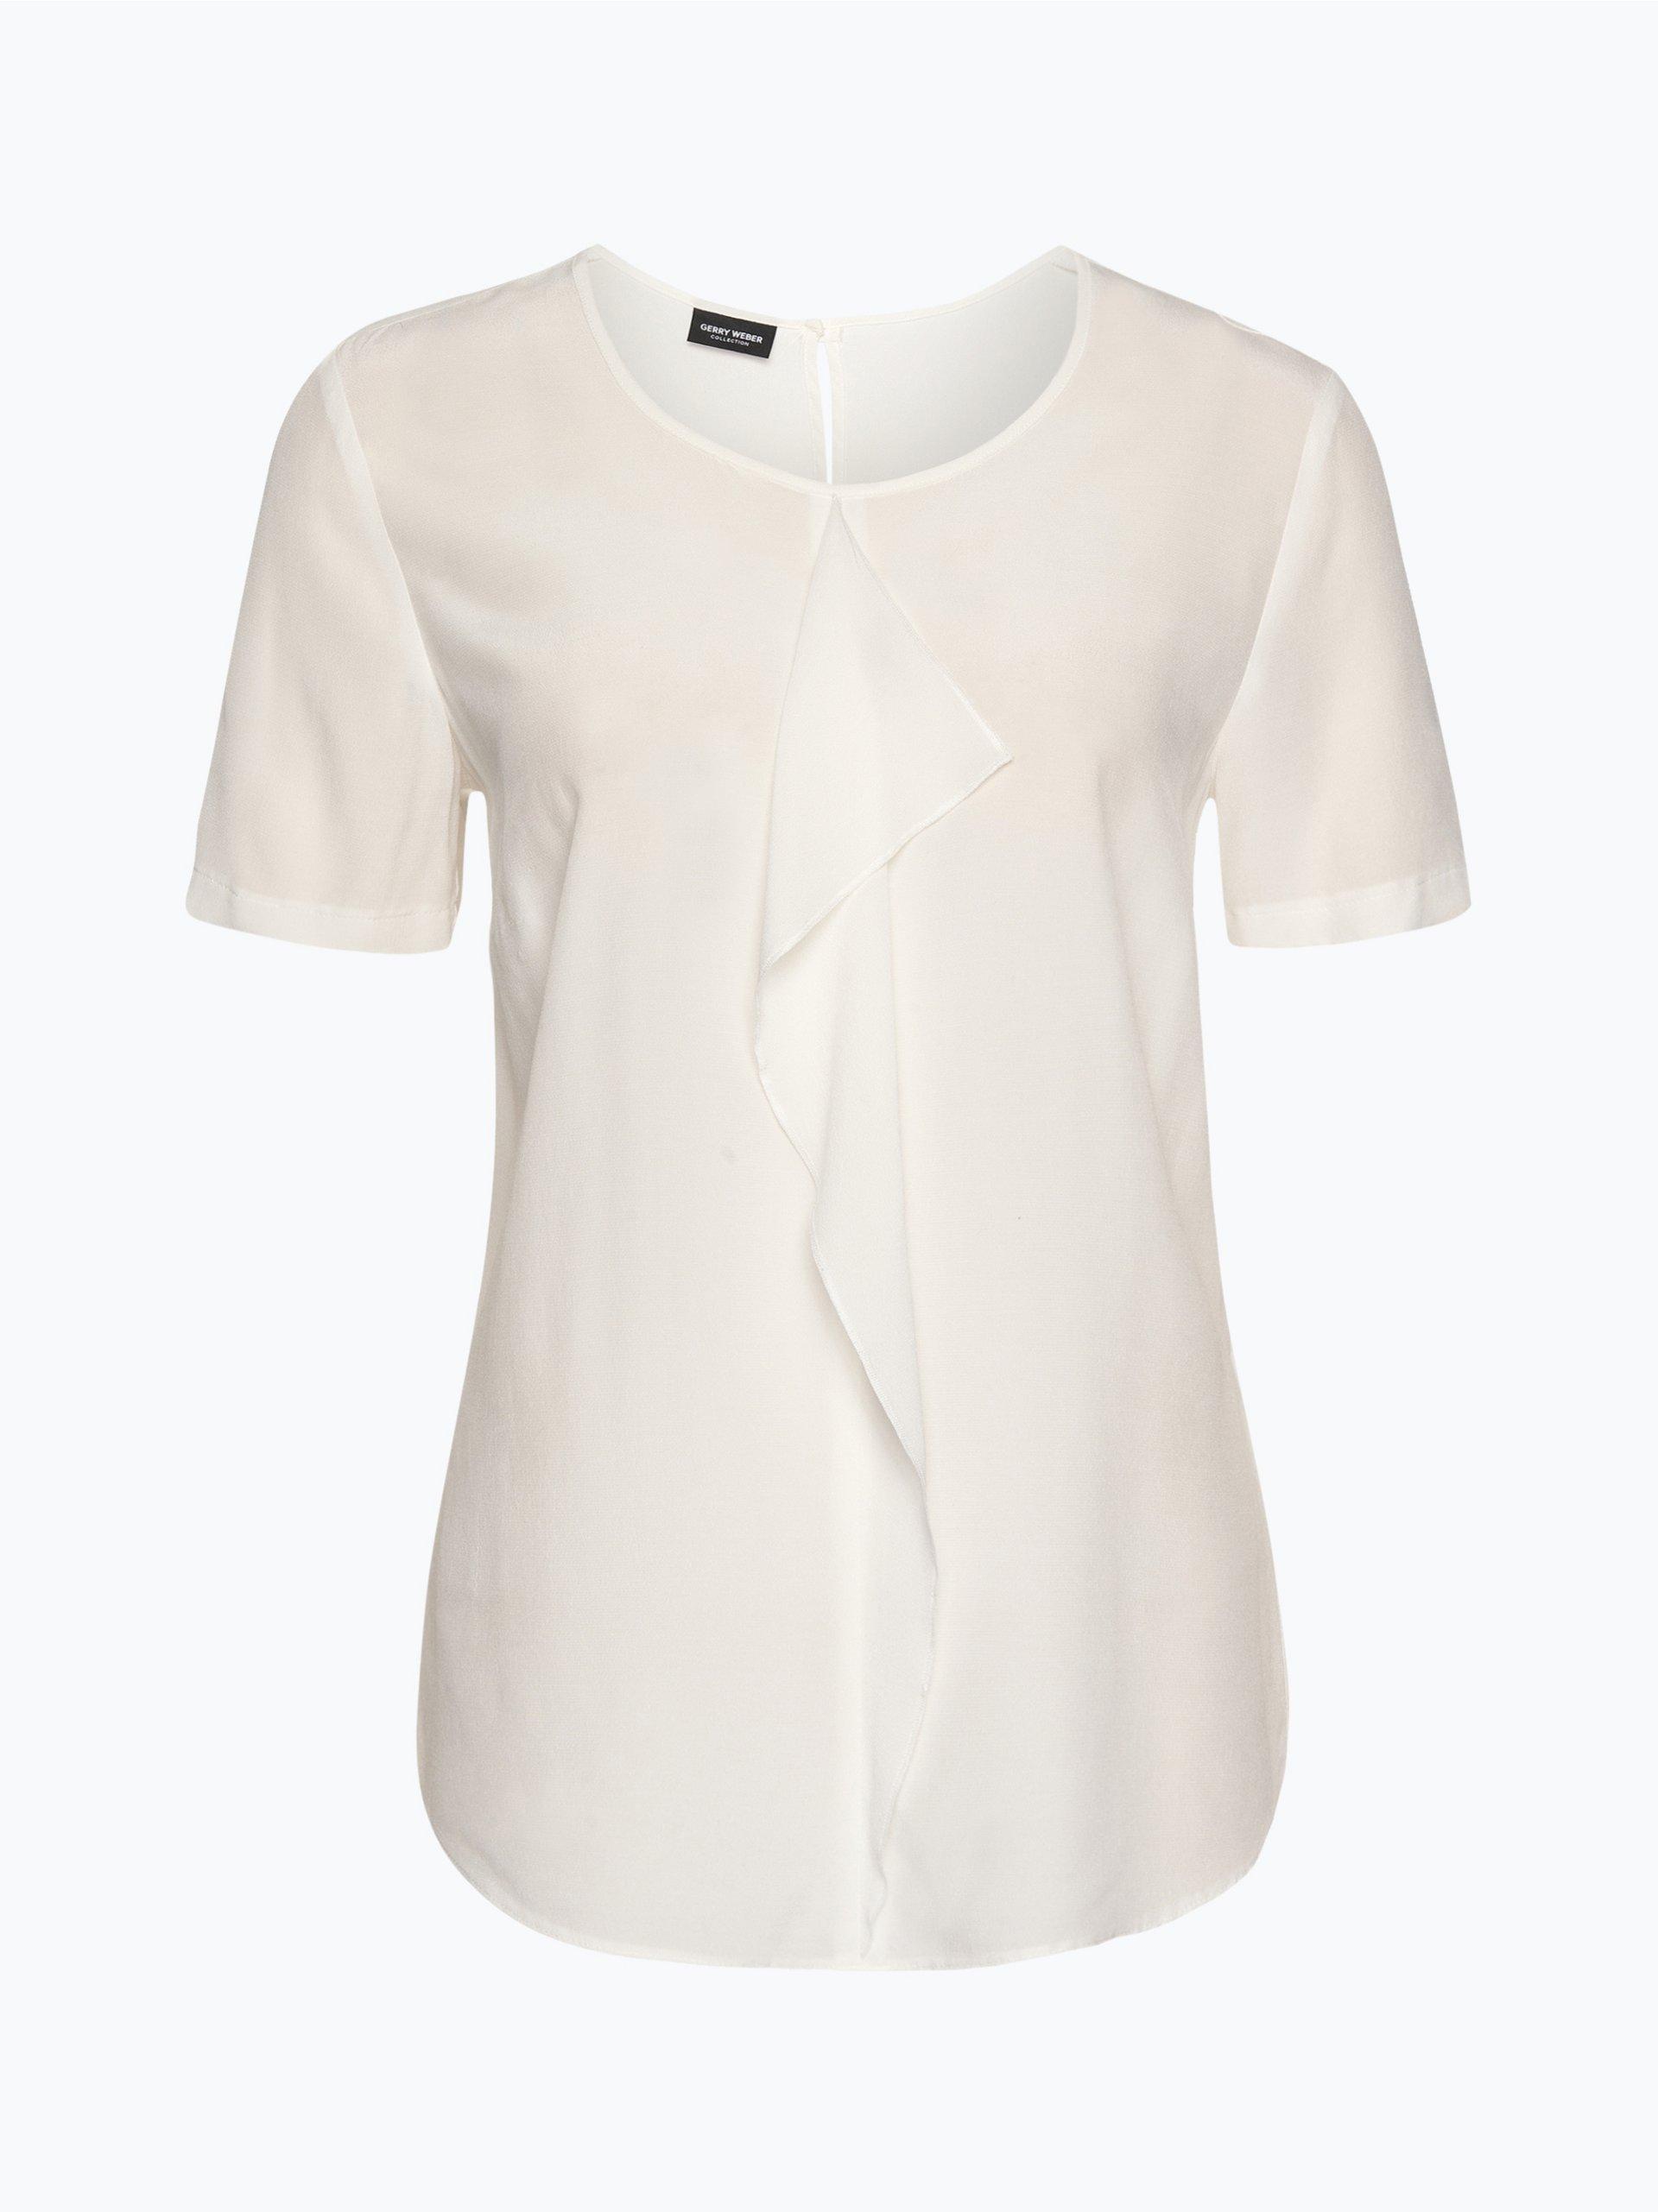 gerry weber damen bluse ecru uni online kaufen peek und cloppenburg de. Black Bedroom Furniture Sets. Home Design Ideas